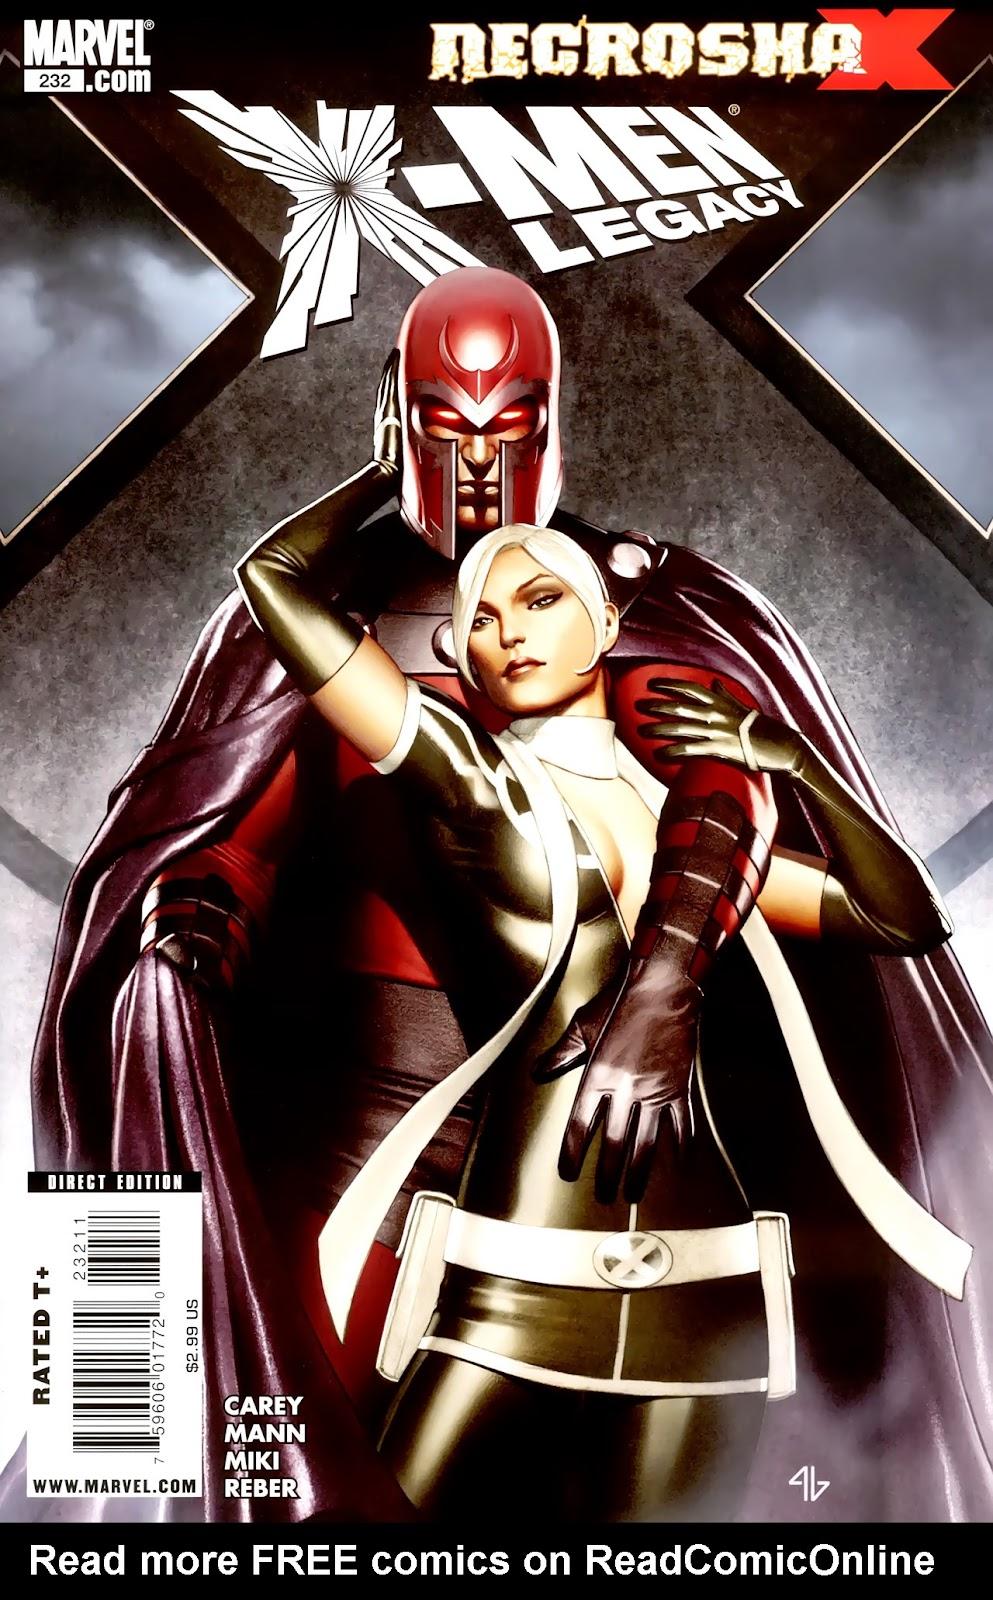 X-Men Legacy (2008) 232 Page 1